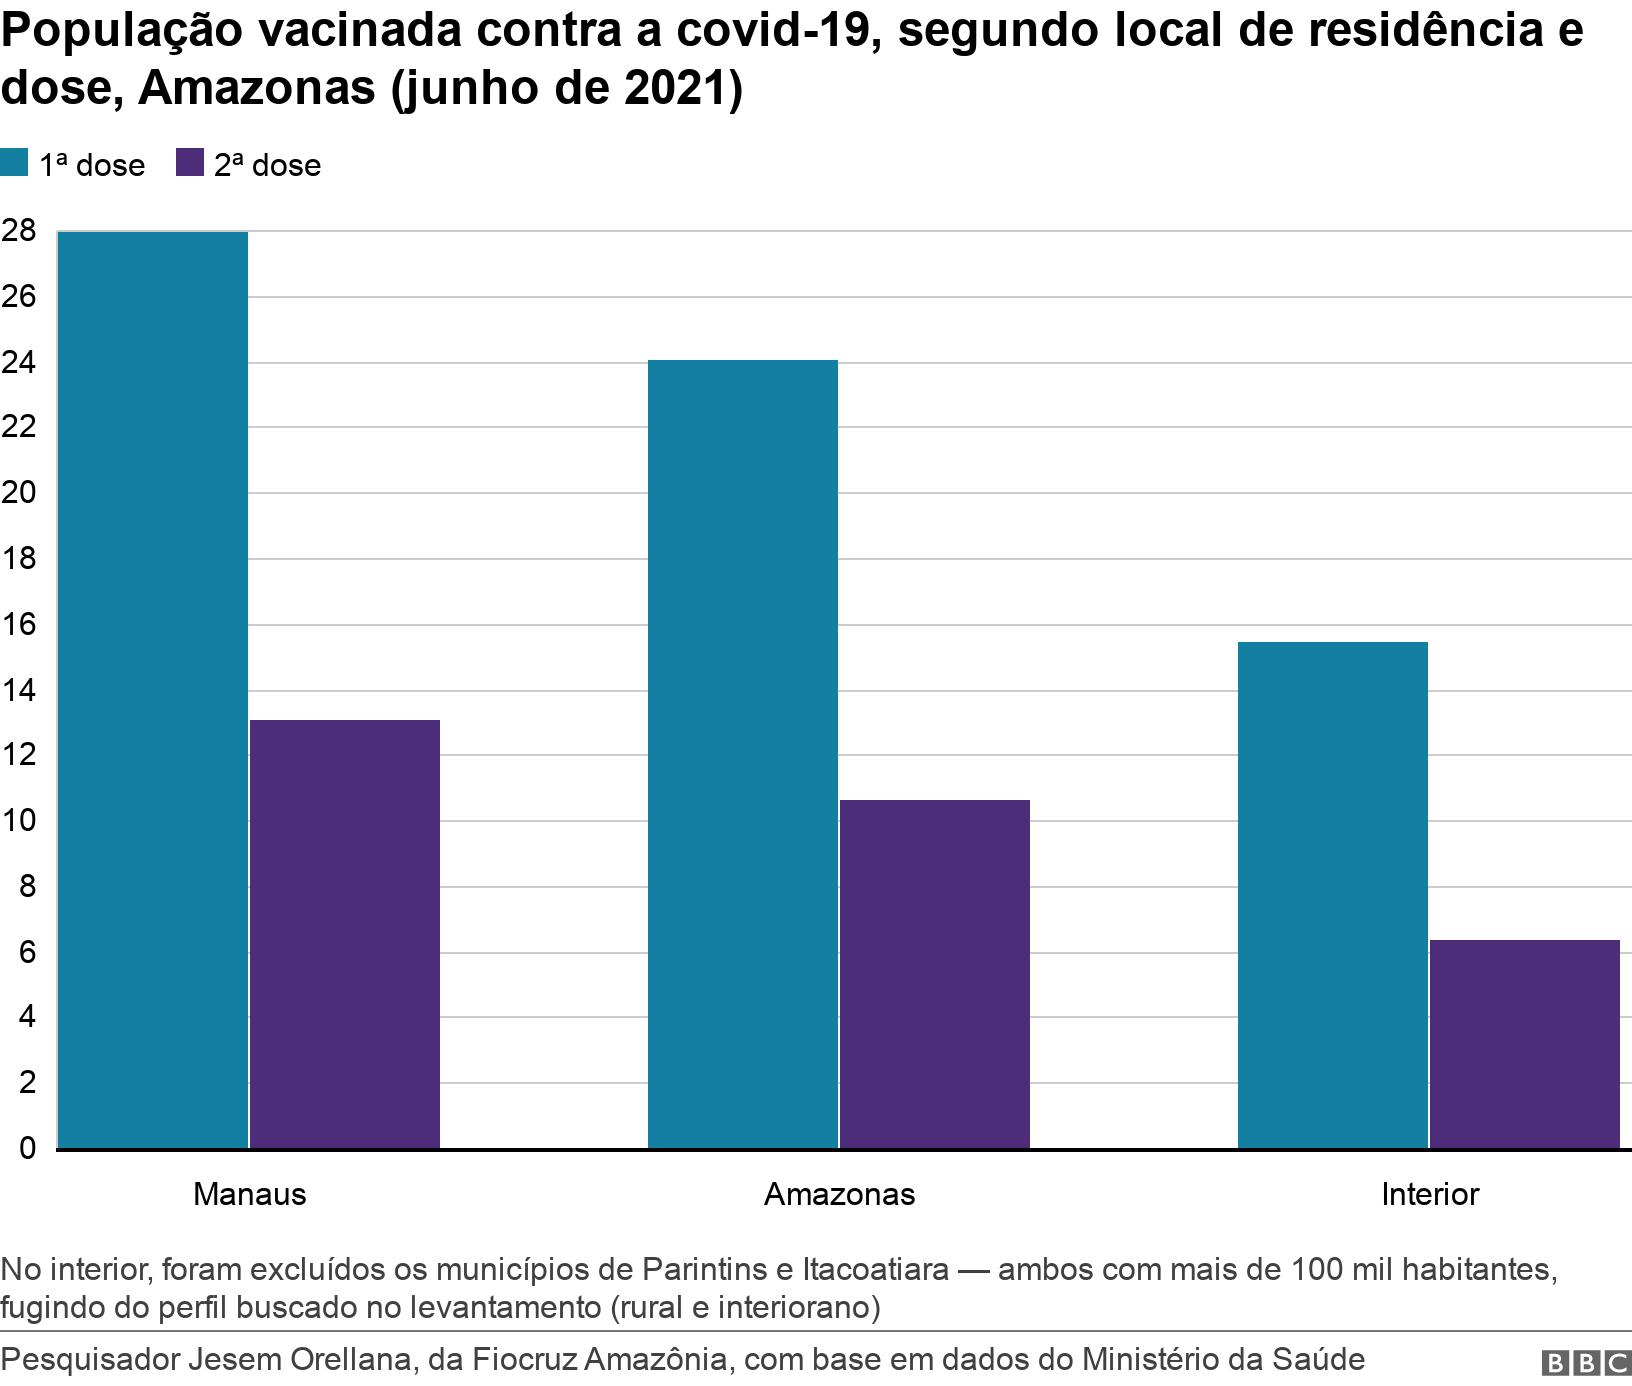 População vacinada contra a covid-19, segundo local de residência e dose, Amazonas (junho de 2021). .  No interior, foram excluídos os municípios de Parintins e Itacoatiara — ambos com mais de 100 mil habitantes, fugindo do perfil buscado no levantamento (rural e interiorano).